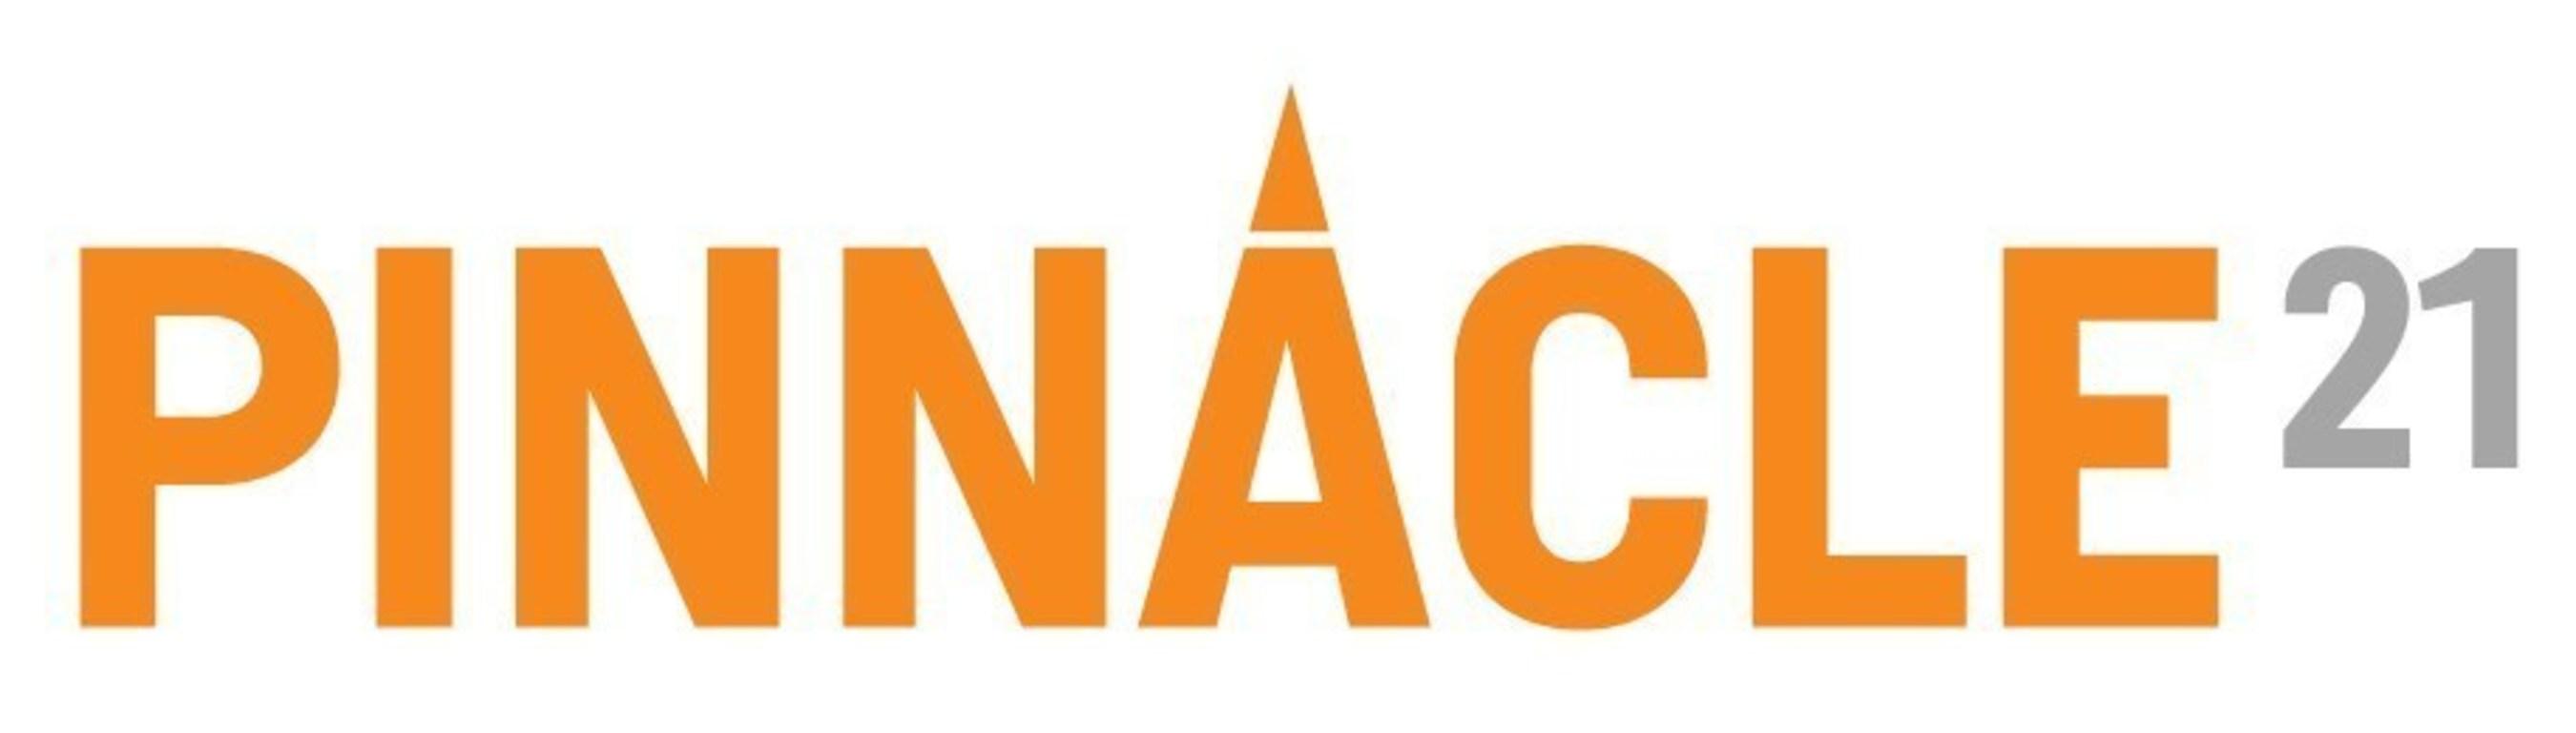 Pinnacle 21 Logo